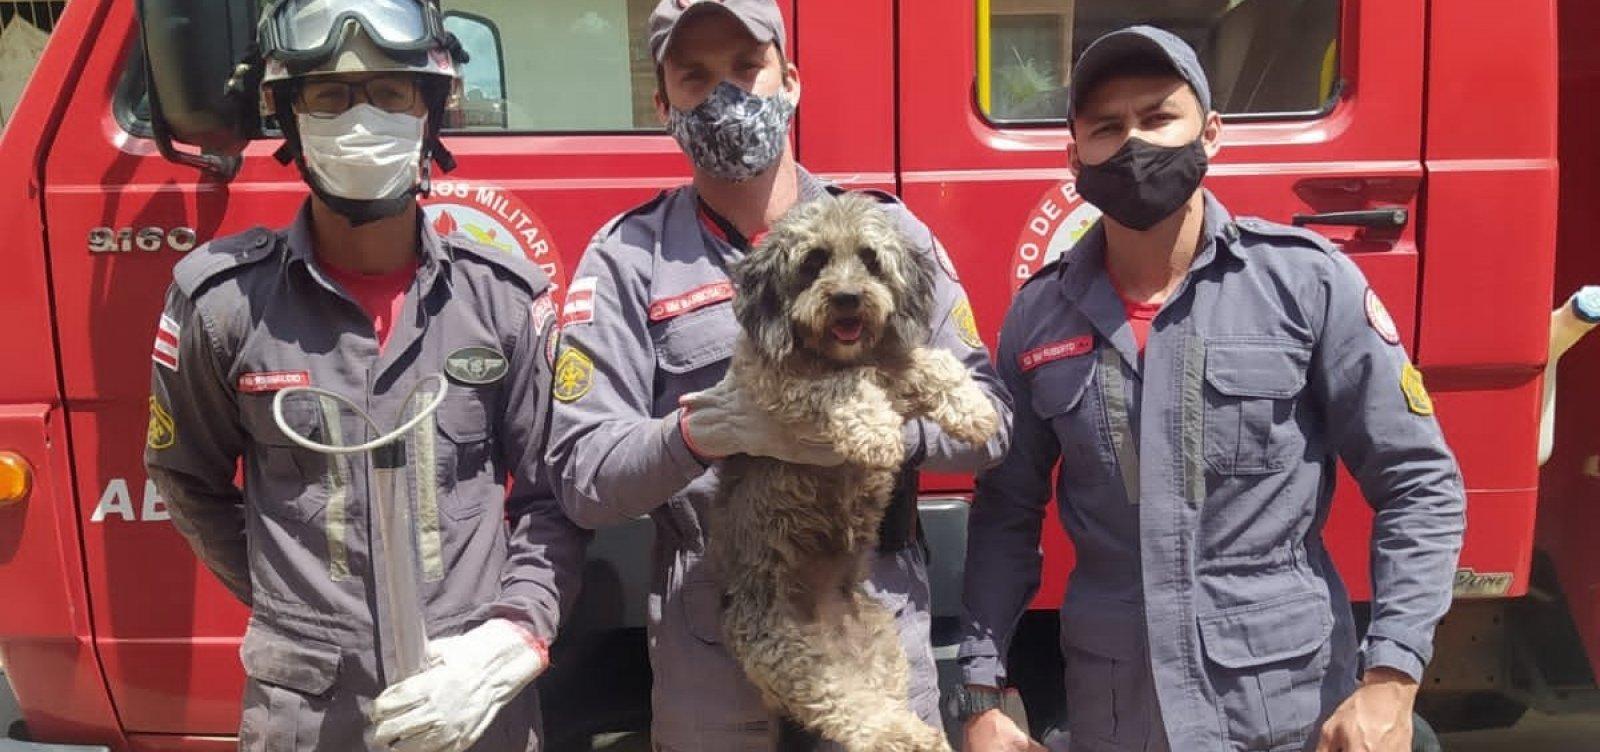 Após correr atrás de gato, cachorro fica preso entre paredes e é resgatado por bombeiros